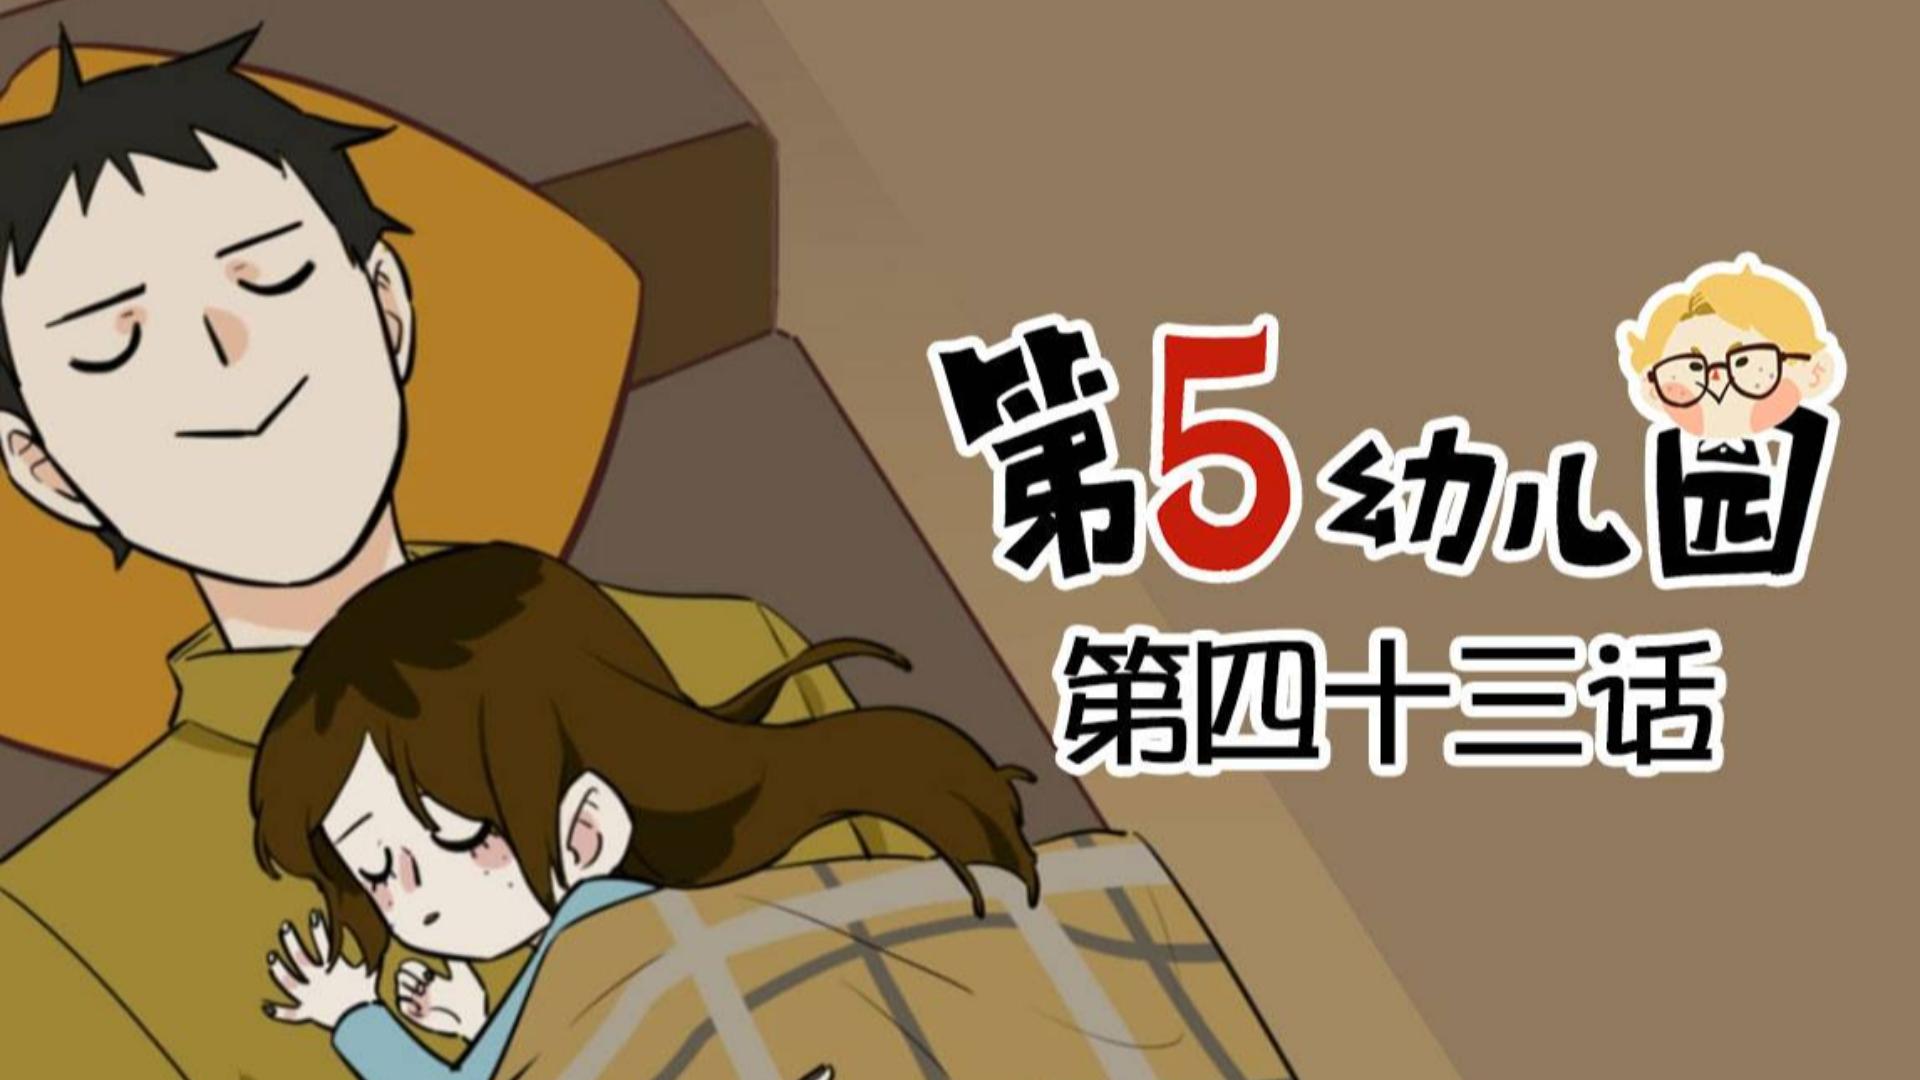 【第五人格动态漫画】第五幼儿园 第四十三话